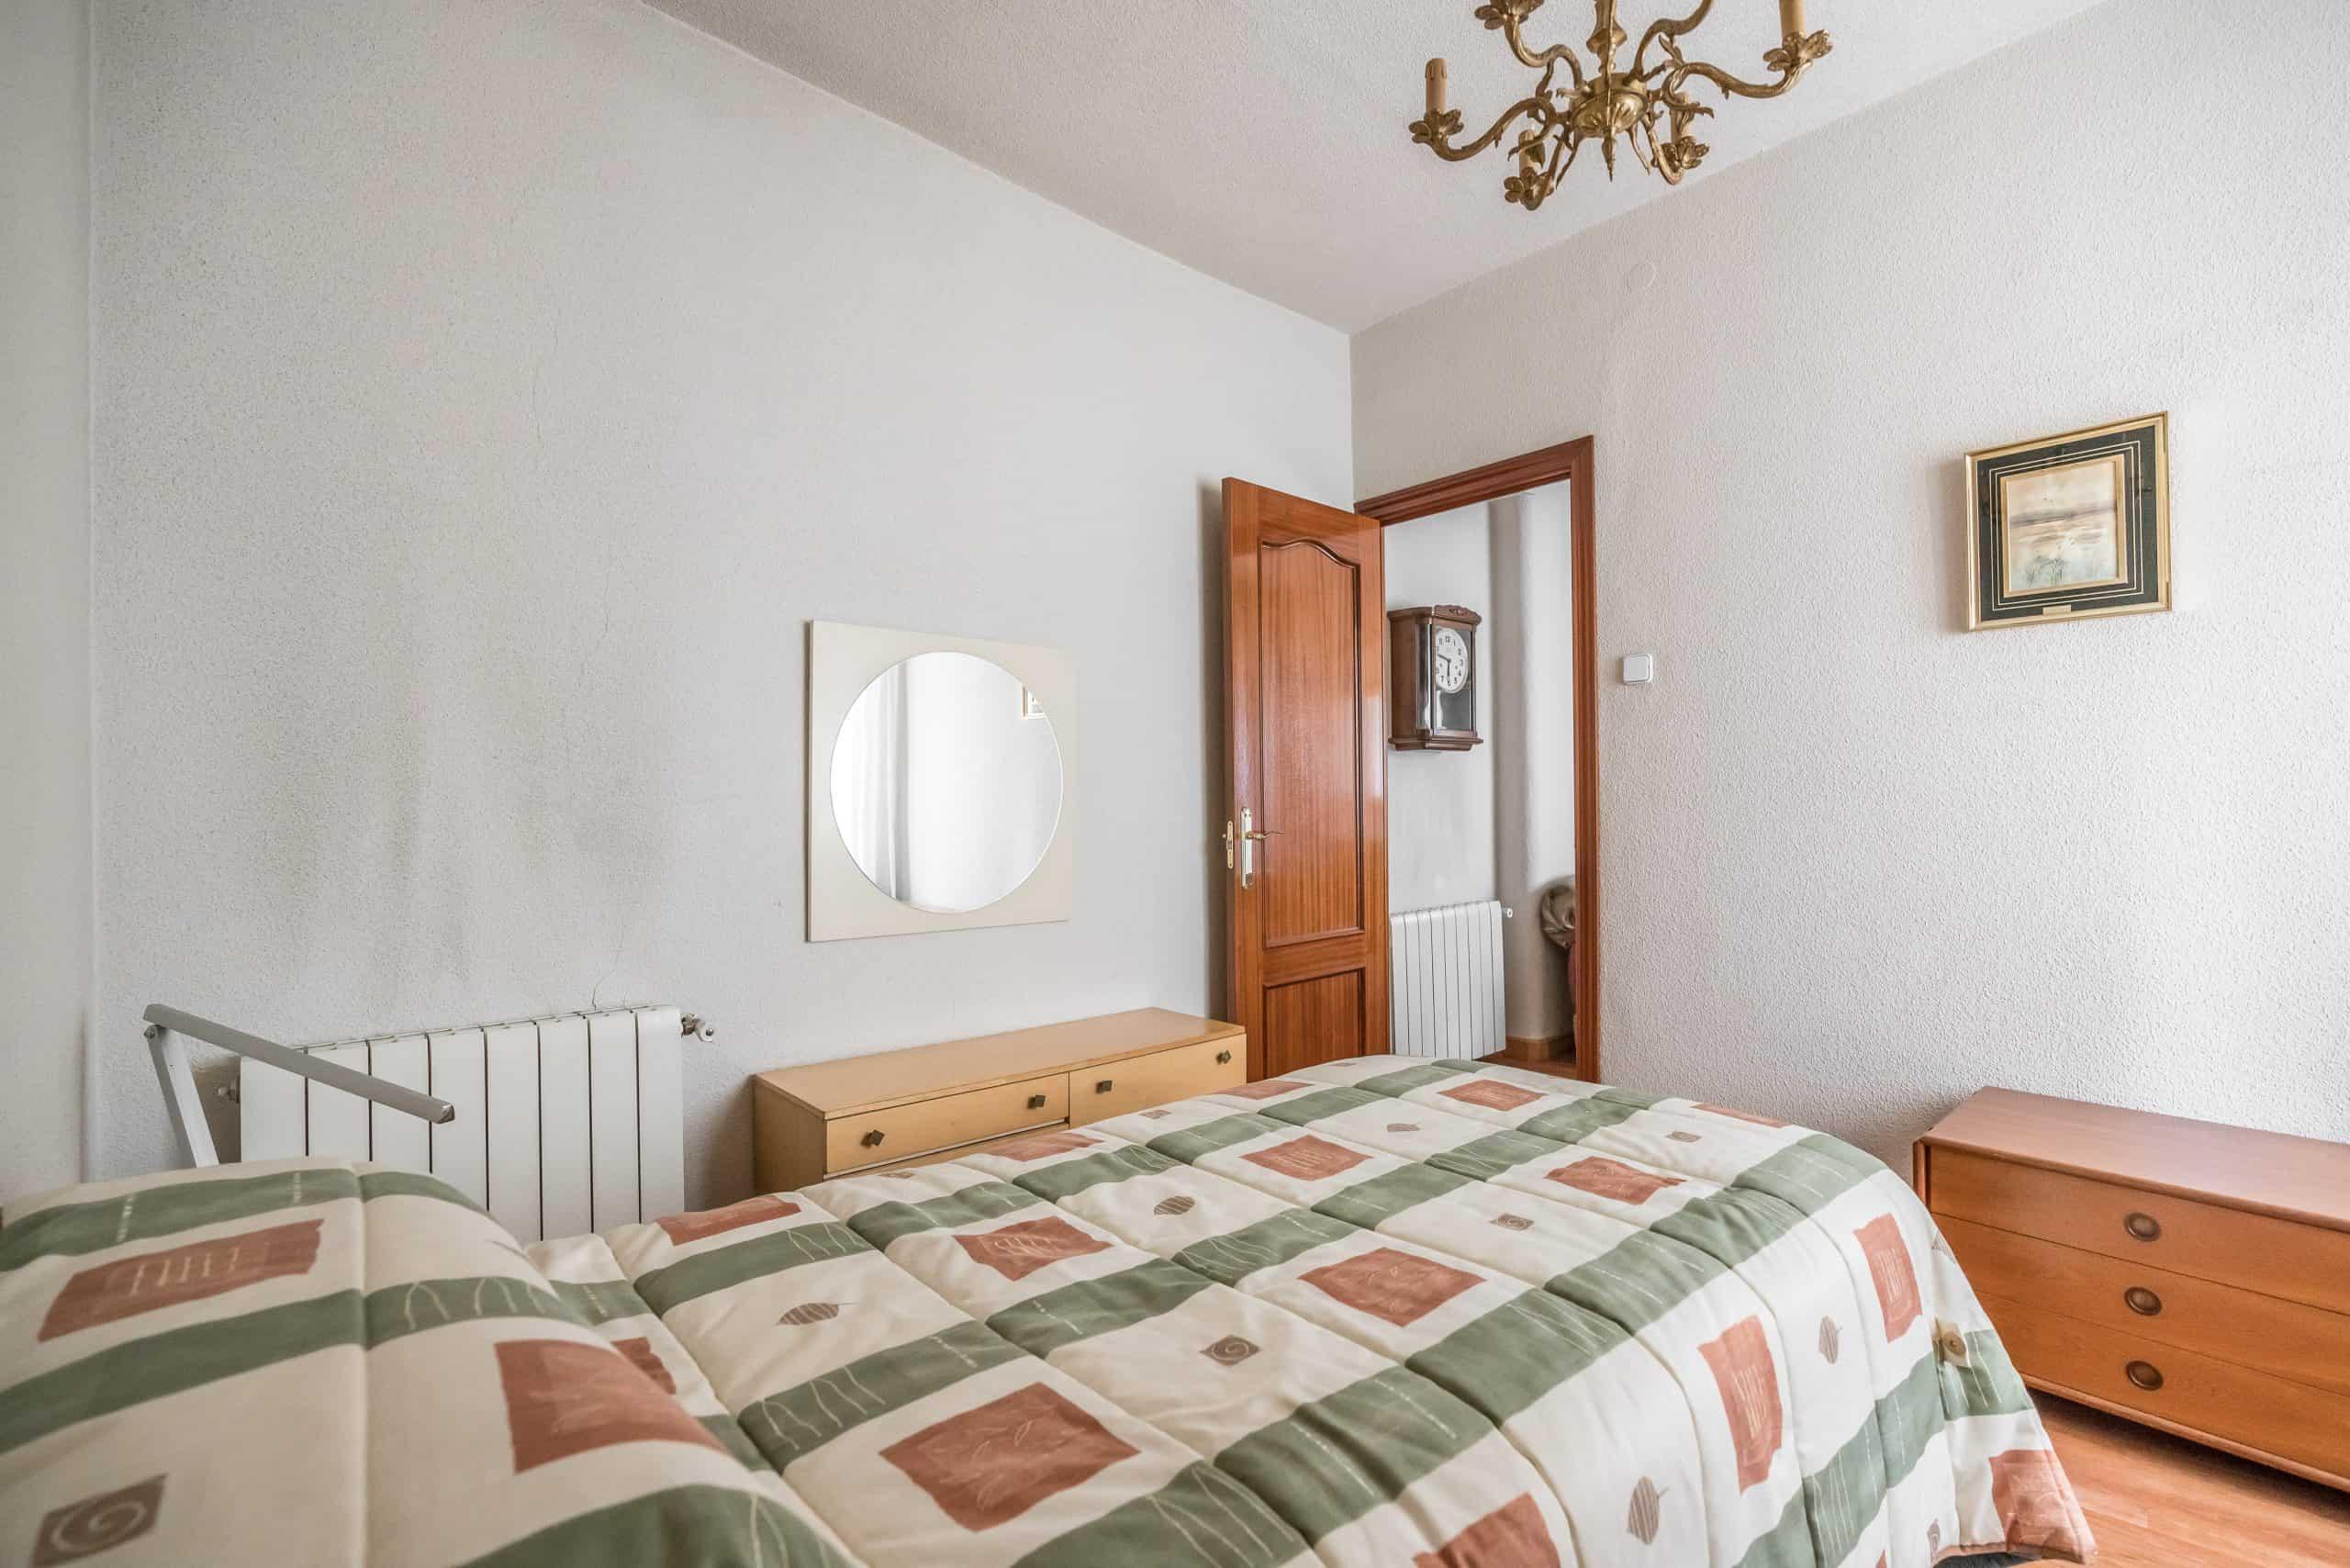 5 DORMITORIO3 (3) (Copy) Agencia Inmobiliaria de Madrid-FUTUROCASA-Zona ARGANZUELA-